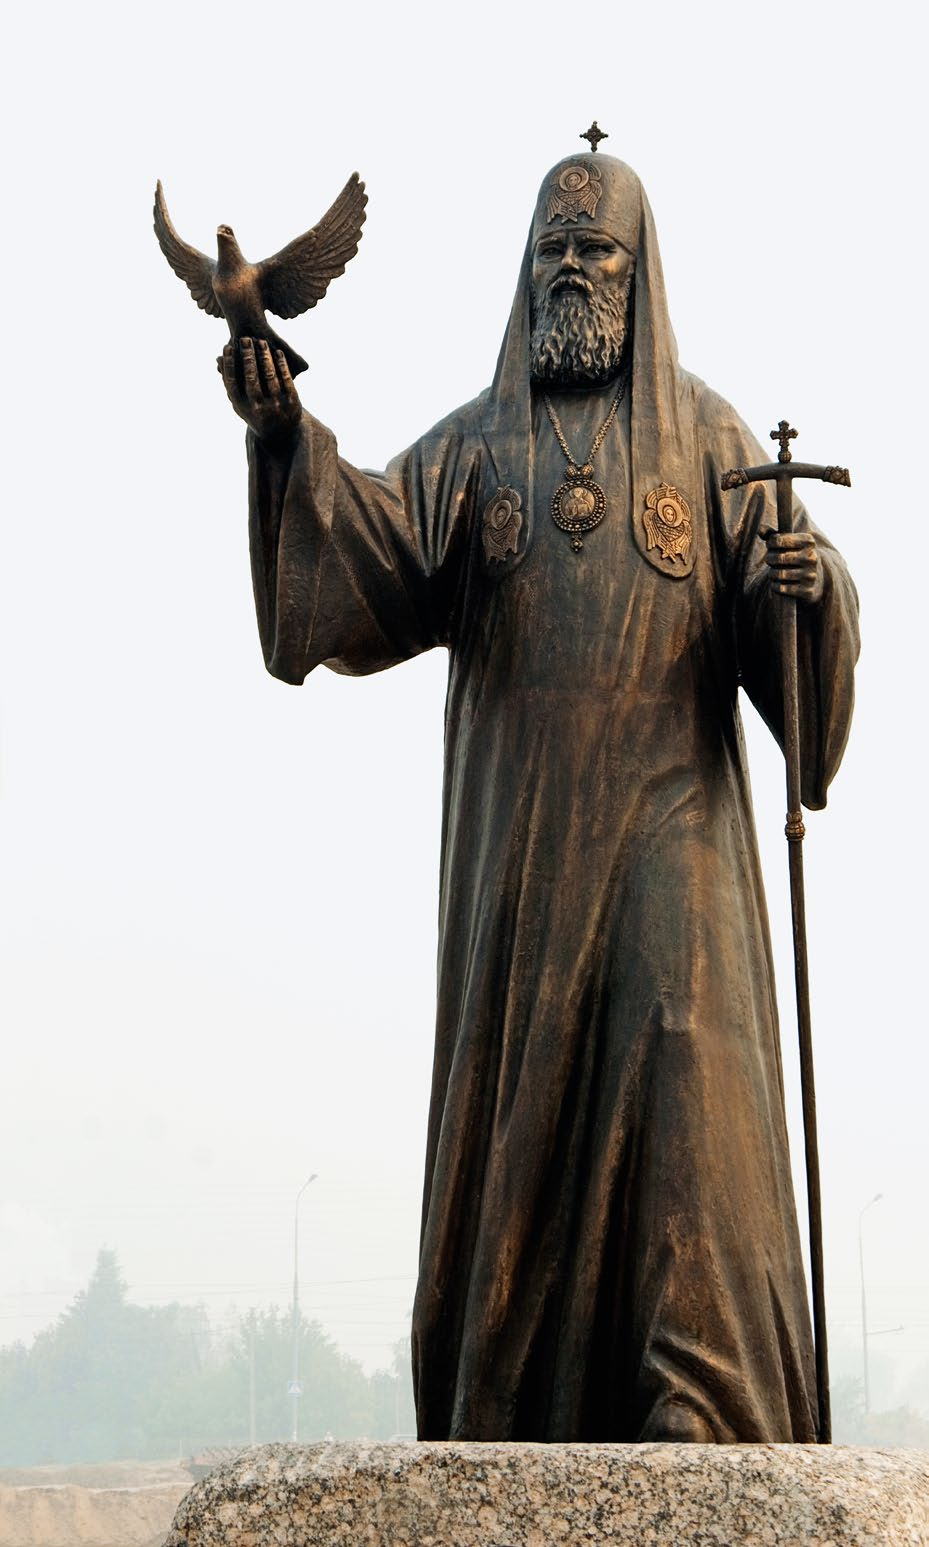 Памятник патриарху Московскому и всея Руси Алексию II в Йошкар-Оле